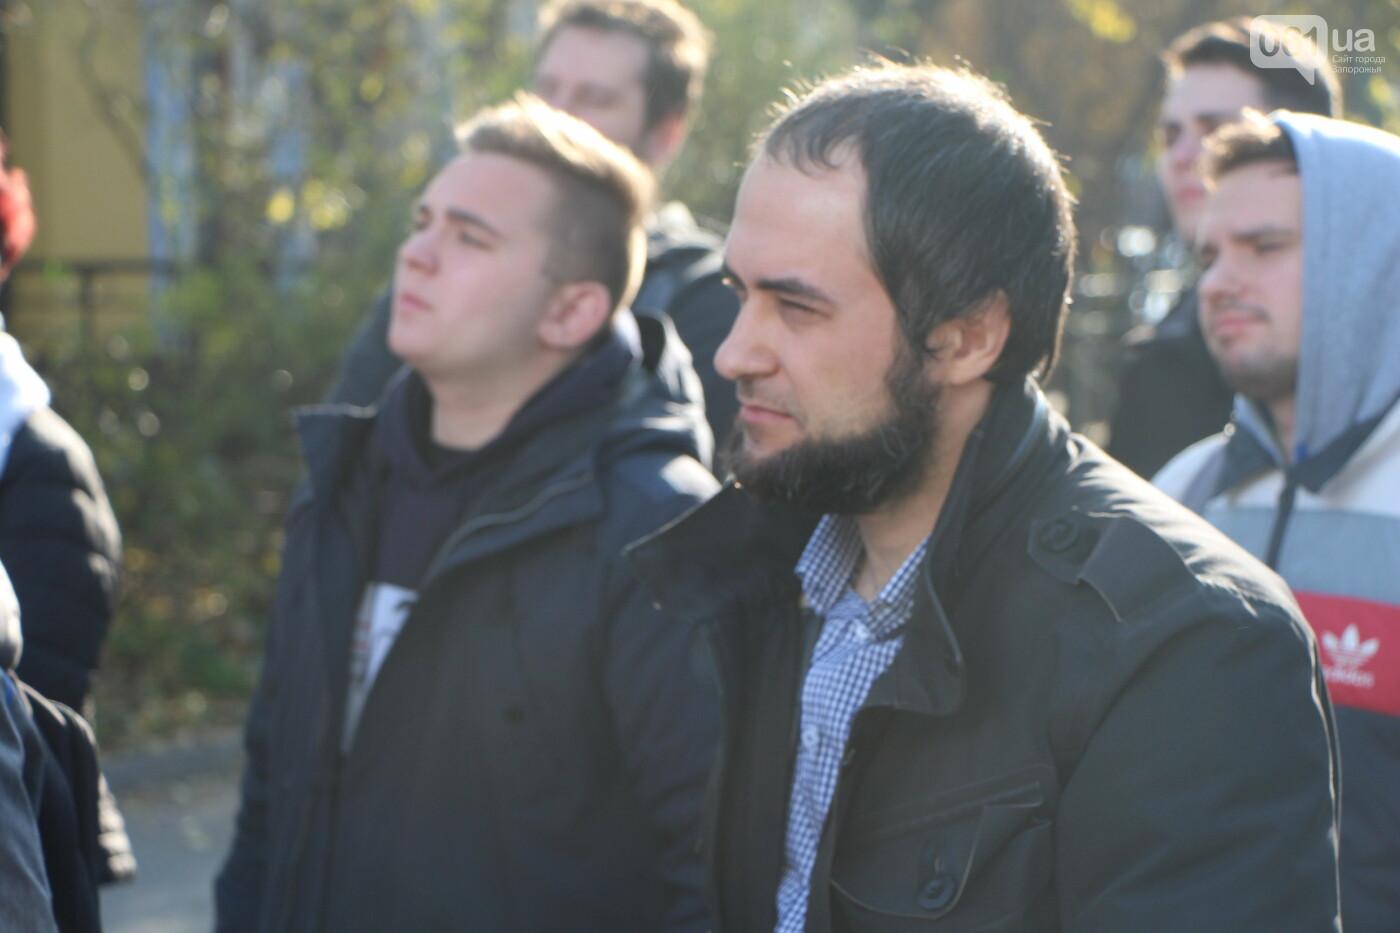 """""""Анисимов просто лох"""": на антикоррупционной экскурсии рассказали, кто приезжает в новый """"золотой офис"""", - ФОТОРЕПОРТАЖ, фото-30"""